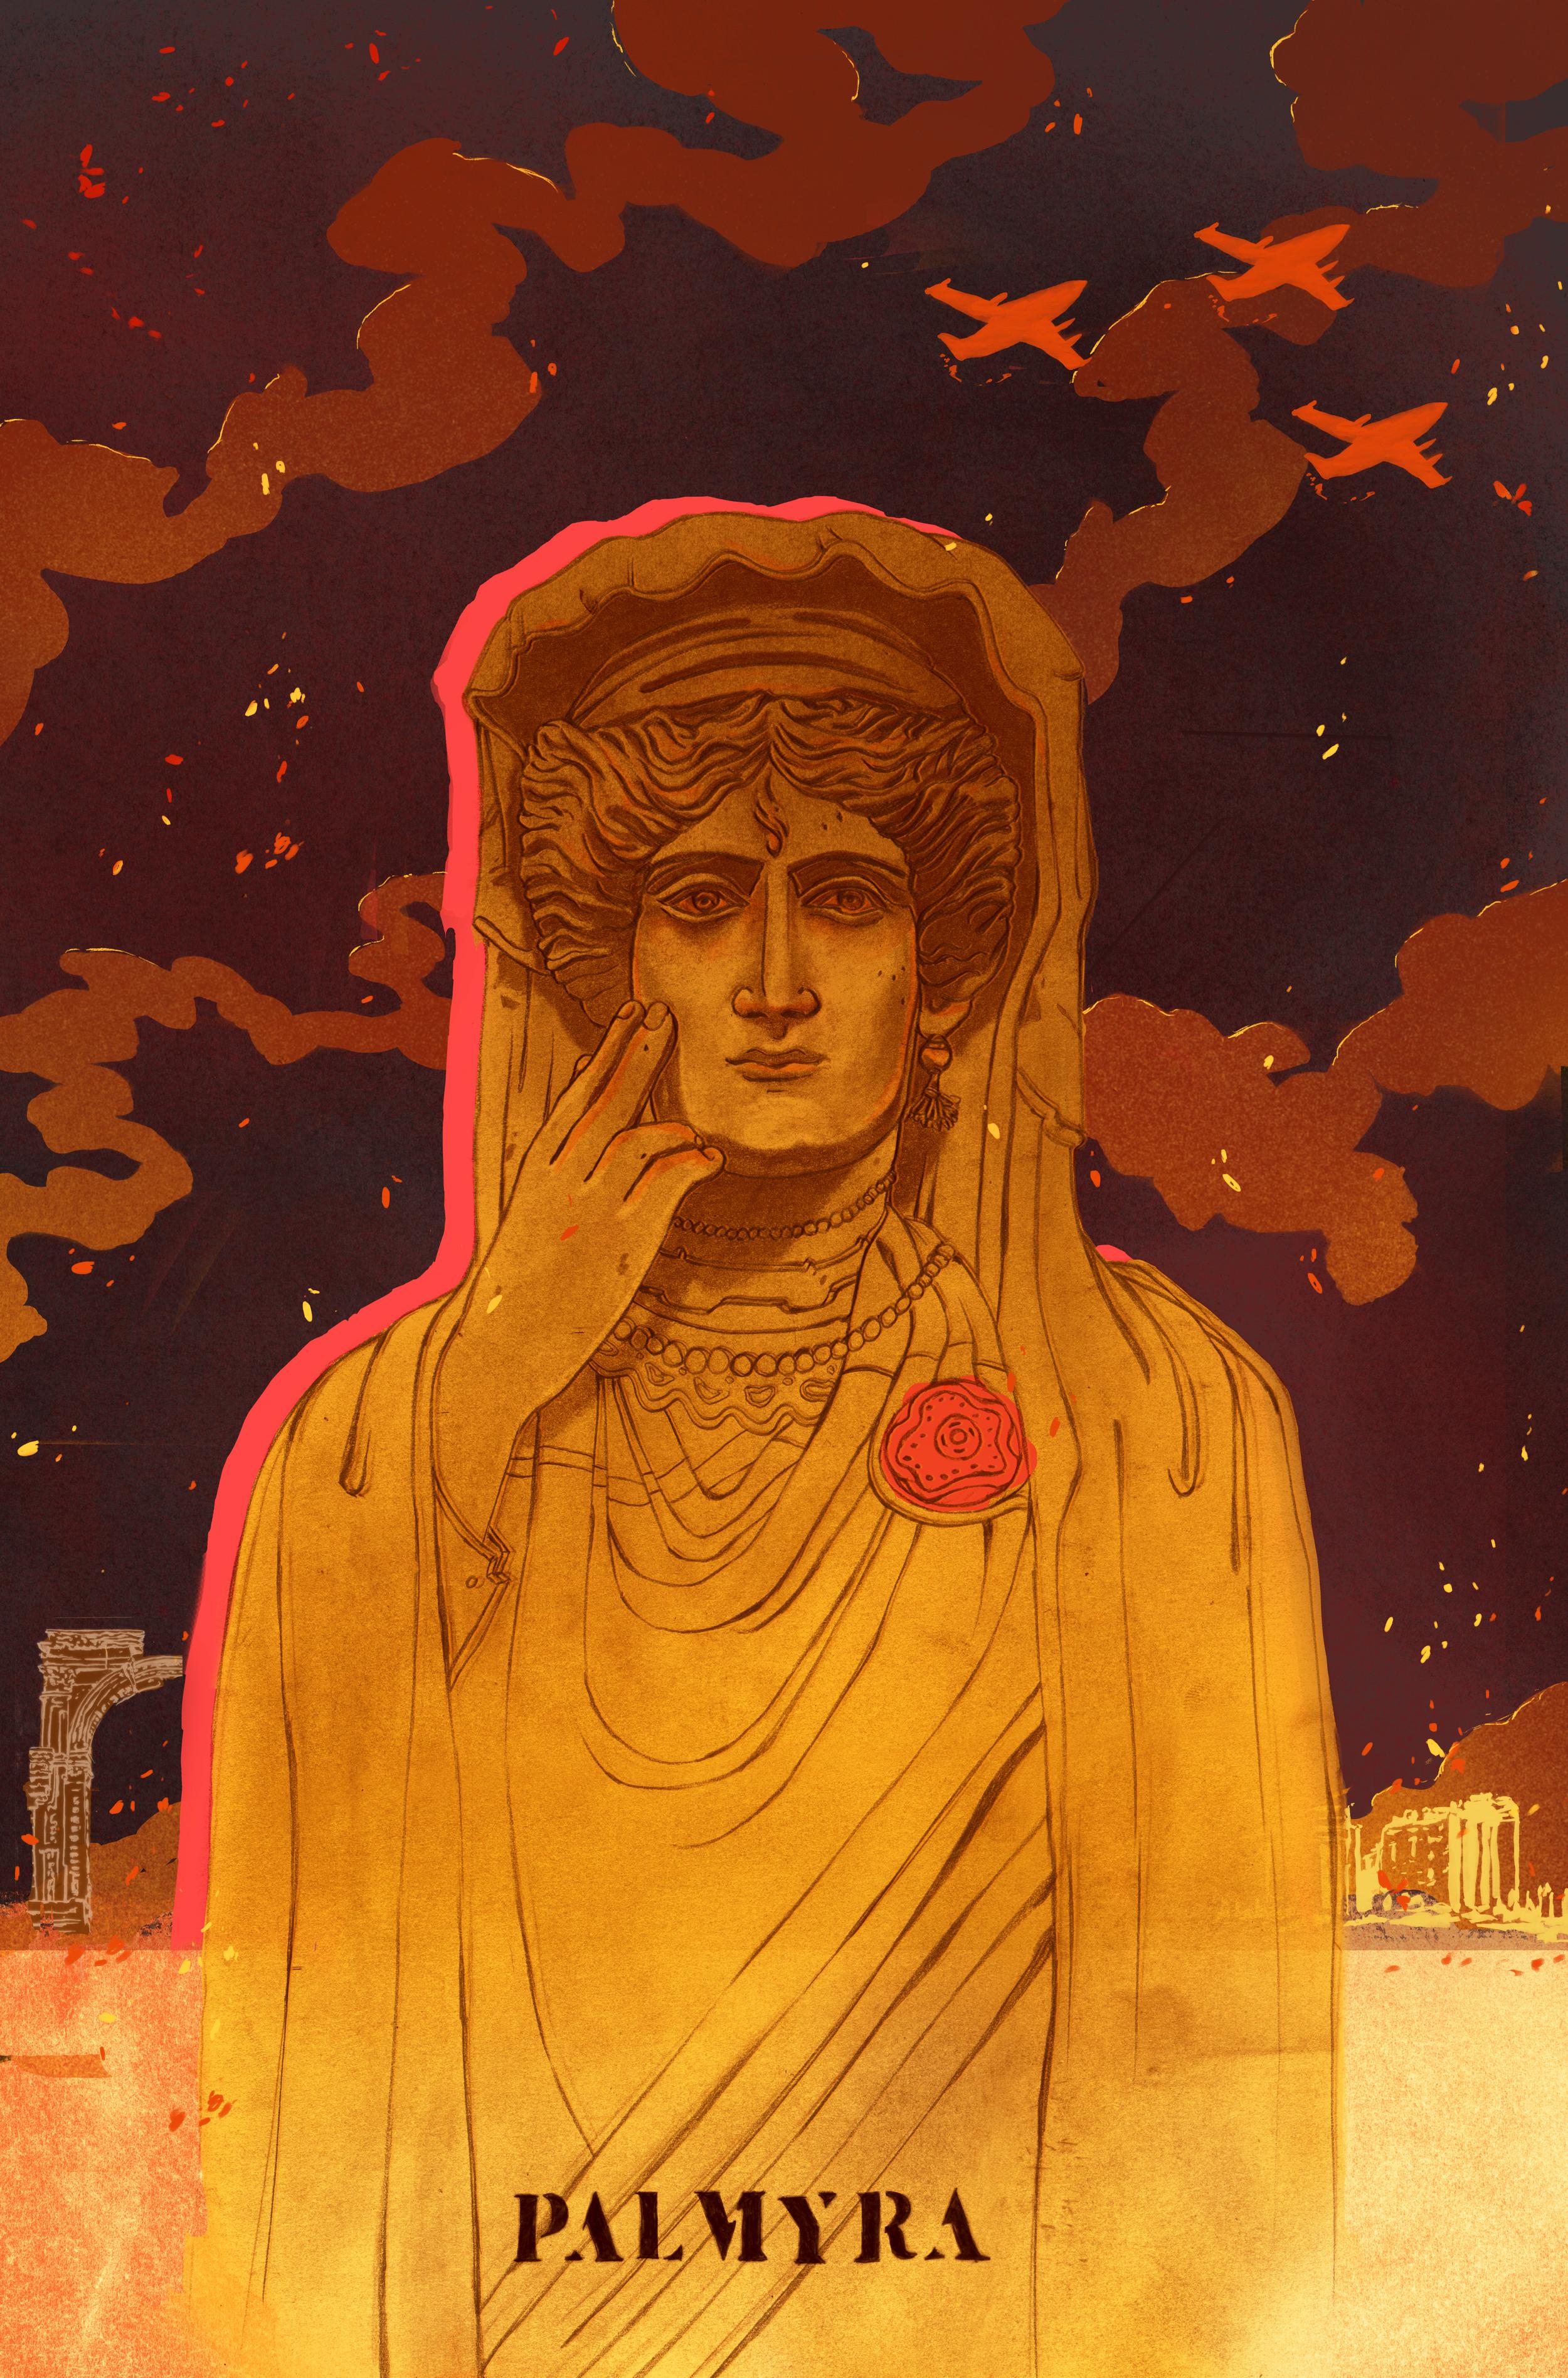 Palmyra2.jpg